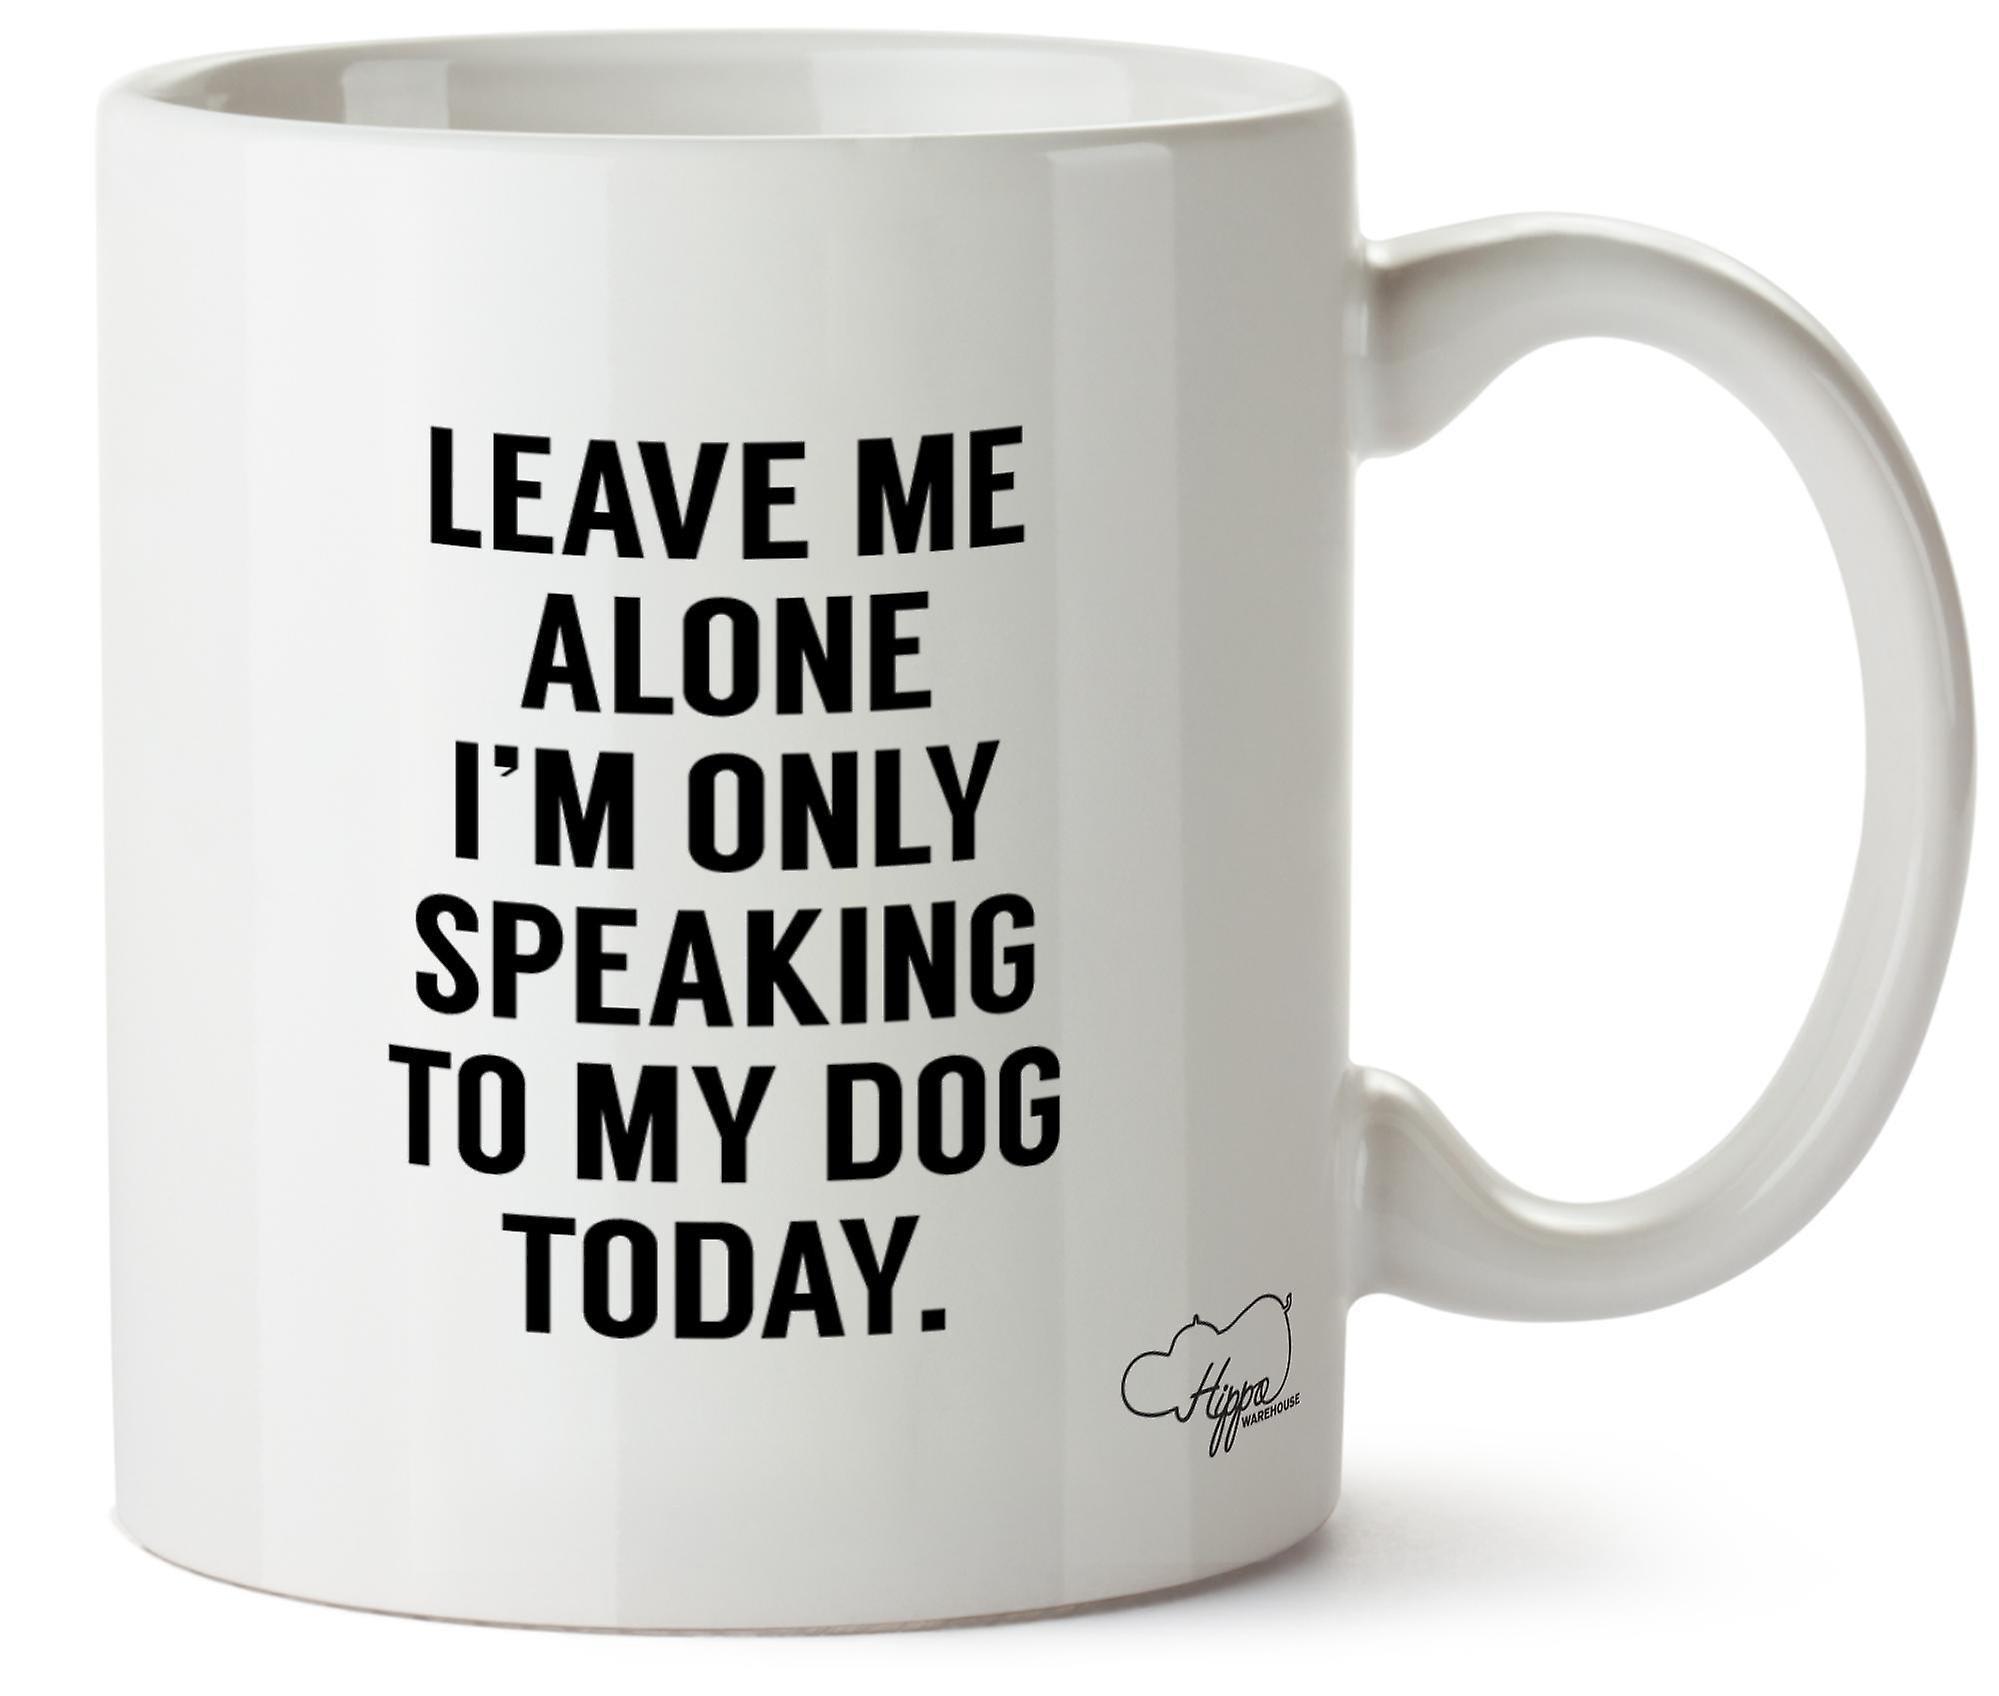 Hippowarehouse оставить меня в покое, сегодня я выступаю для моей собаки печатных кружка чашка керамическая 10 oz